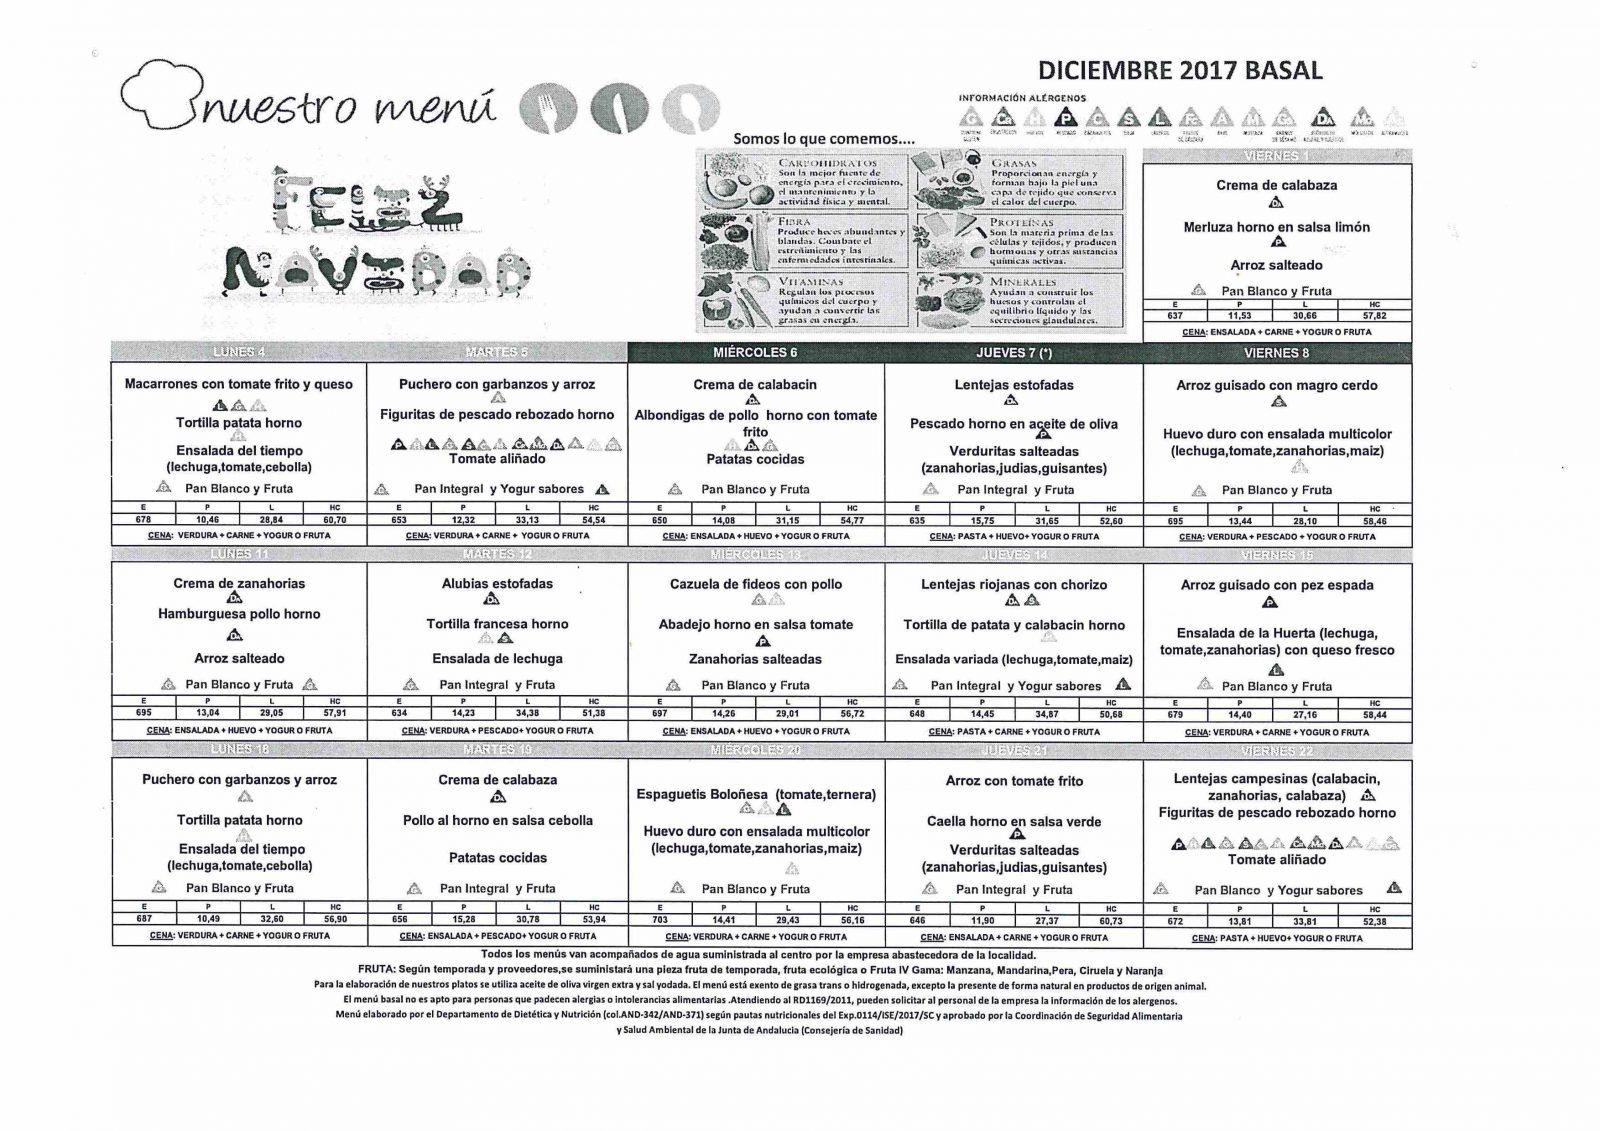 Menú del comedor escolar para diciembre | CEIP Ramón Hernández Martínez